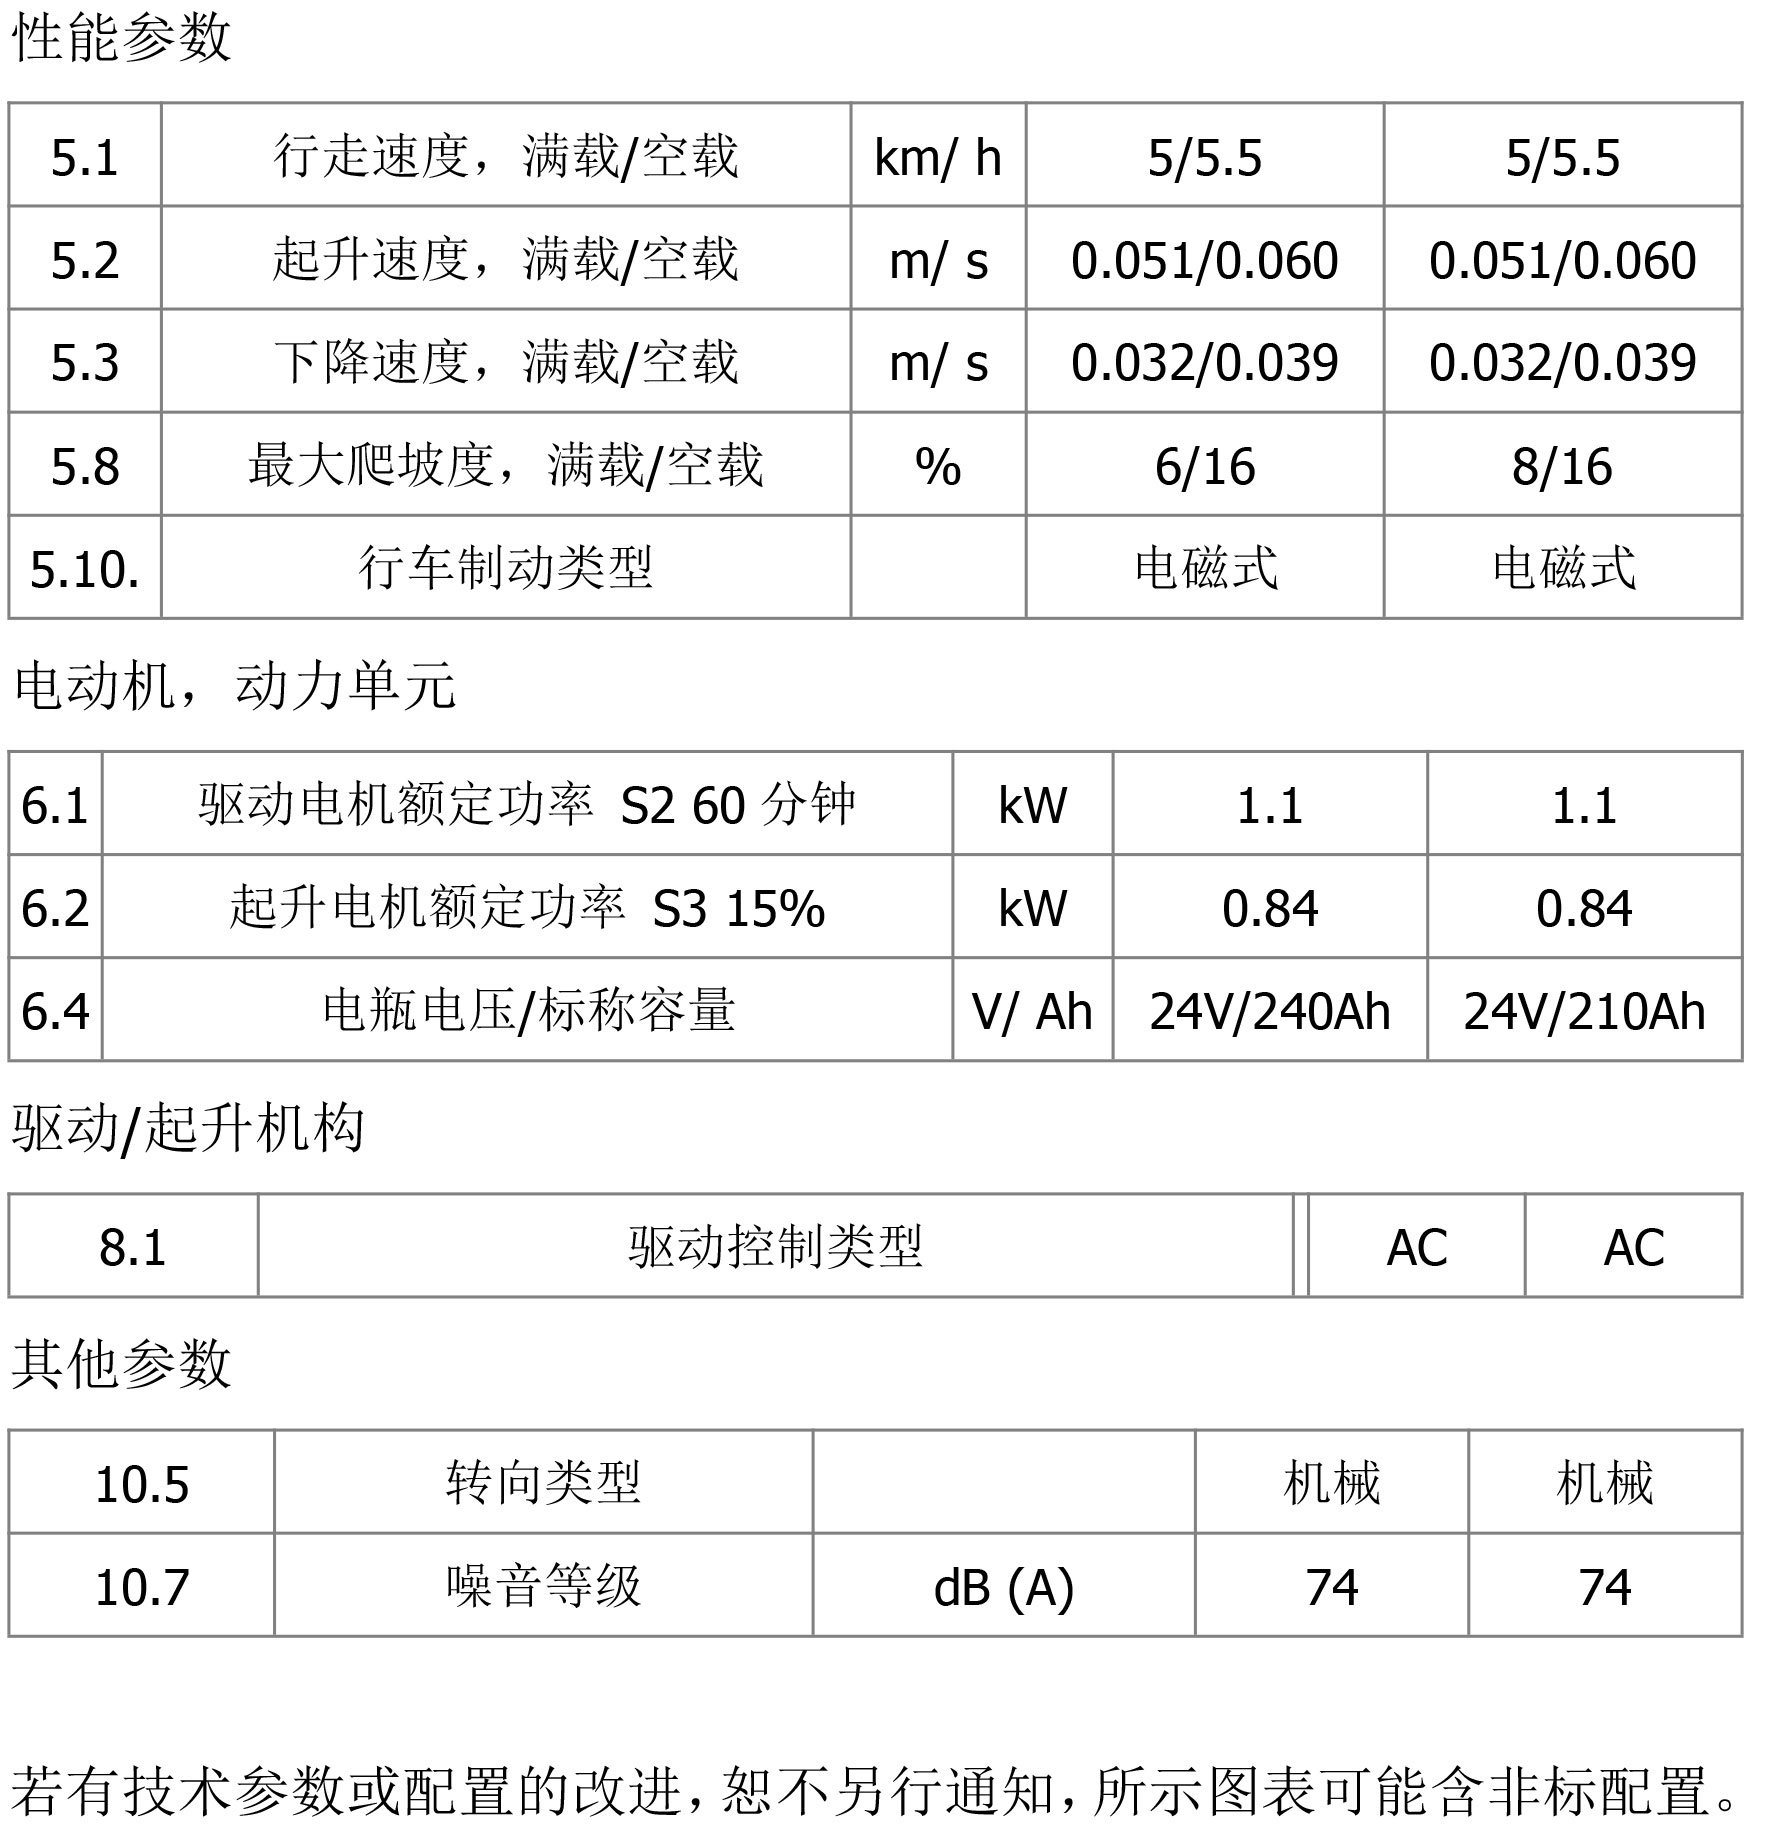 %E6%A0%87%E5%87%86%E5%8F%82%E6%95%B0-2.jpg